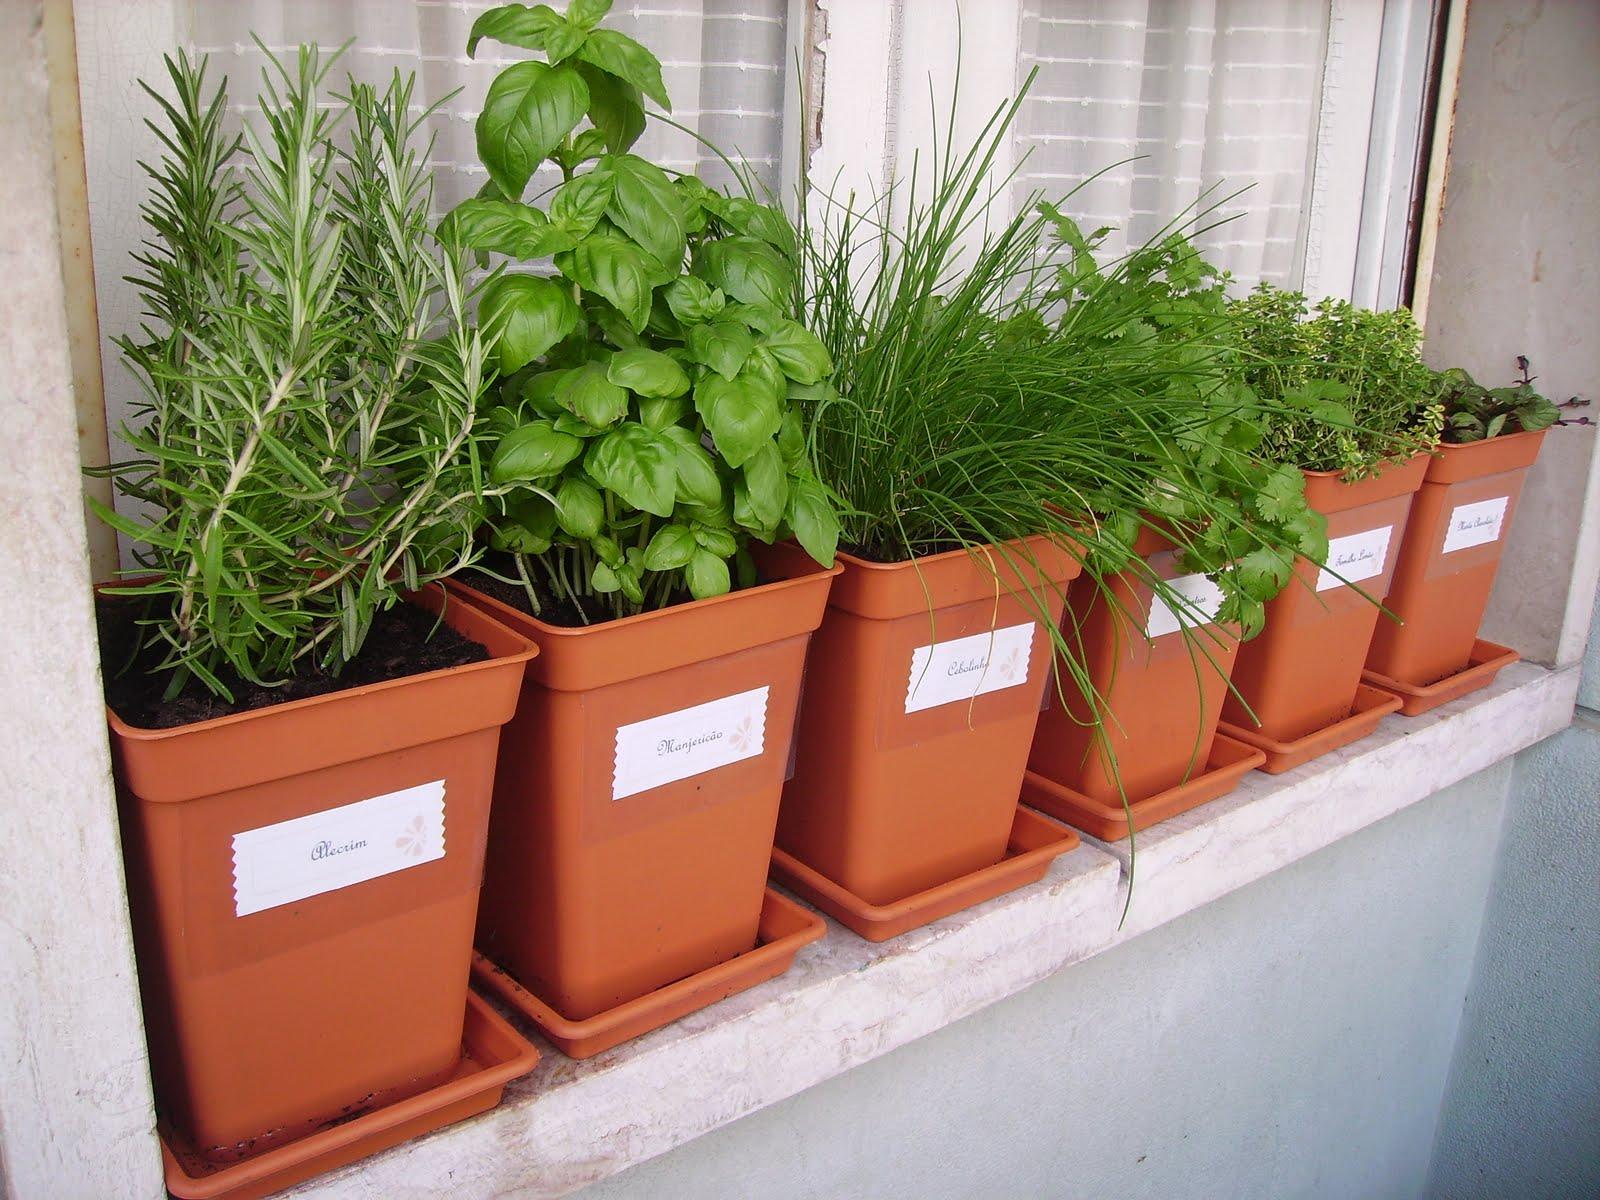 horta e jardim juntos:Cultive em casa o seu chá! – Leve BEM – Delivery de Orgânicos